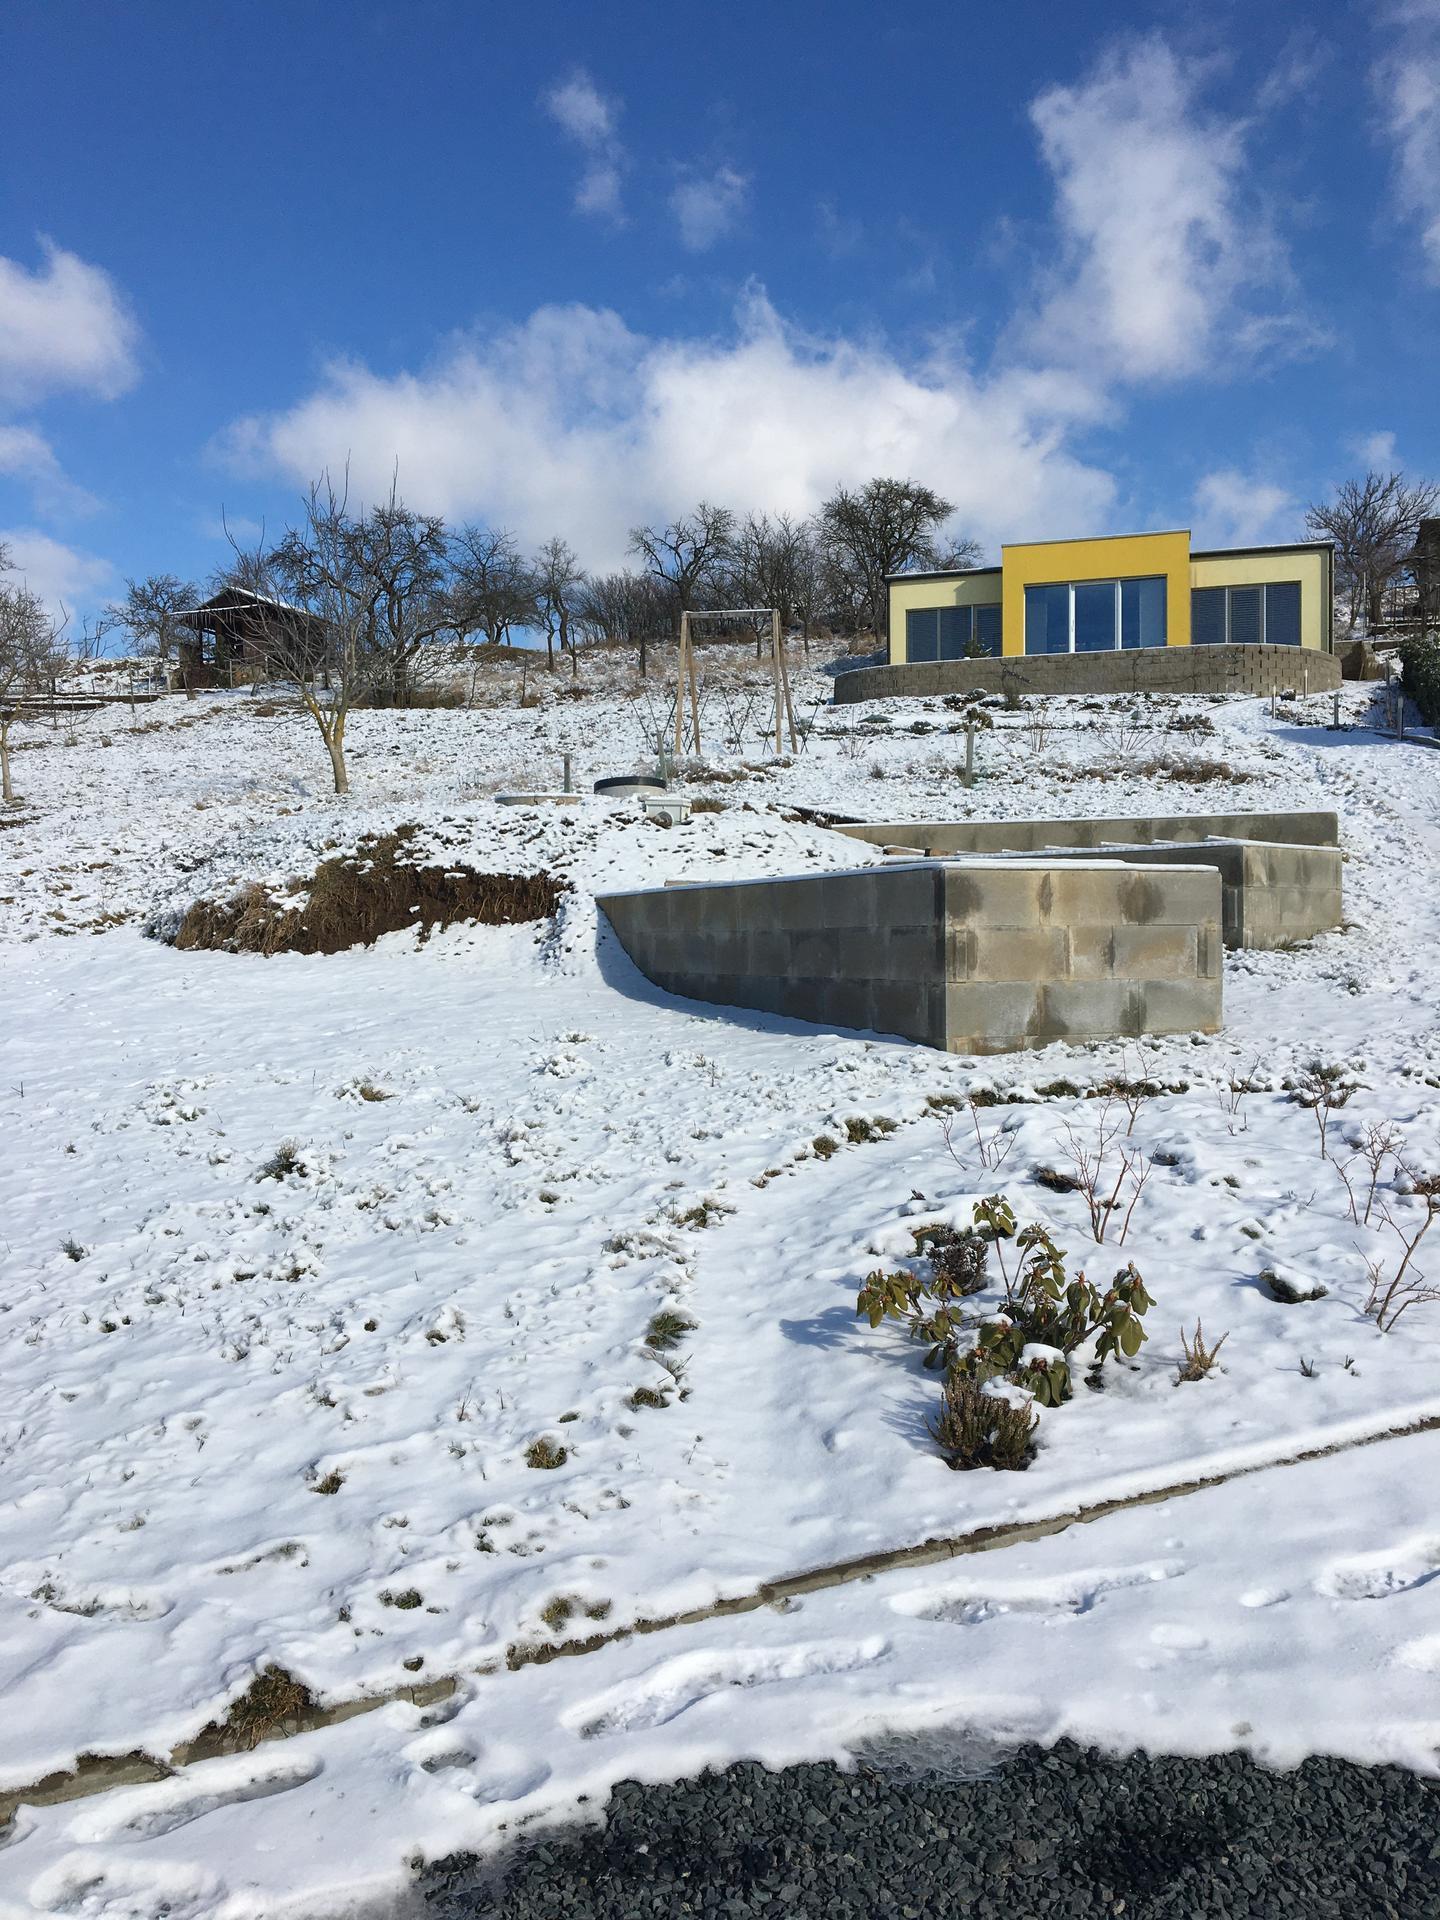 Skřítčí zahrada 2021 - Únor 2021 - po ledovce ještě něco sněhu